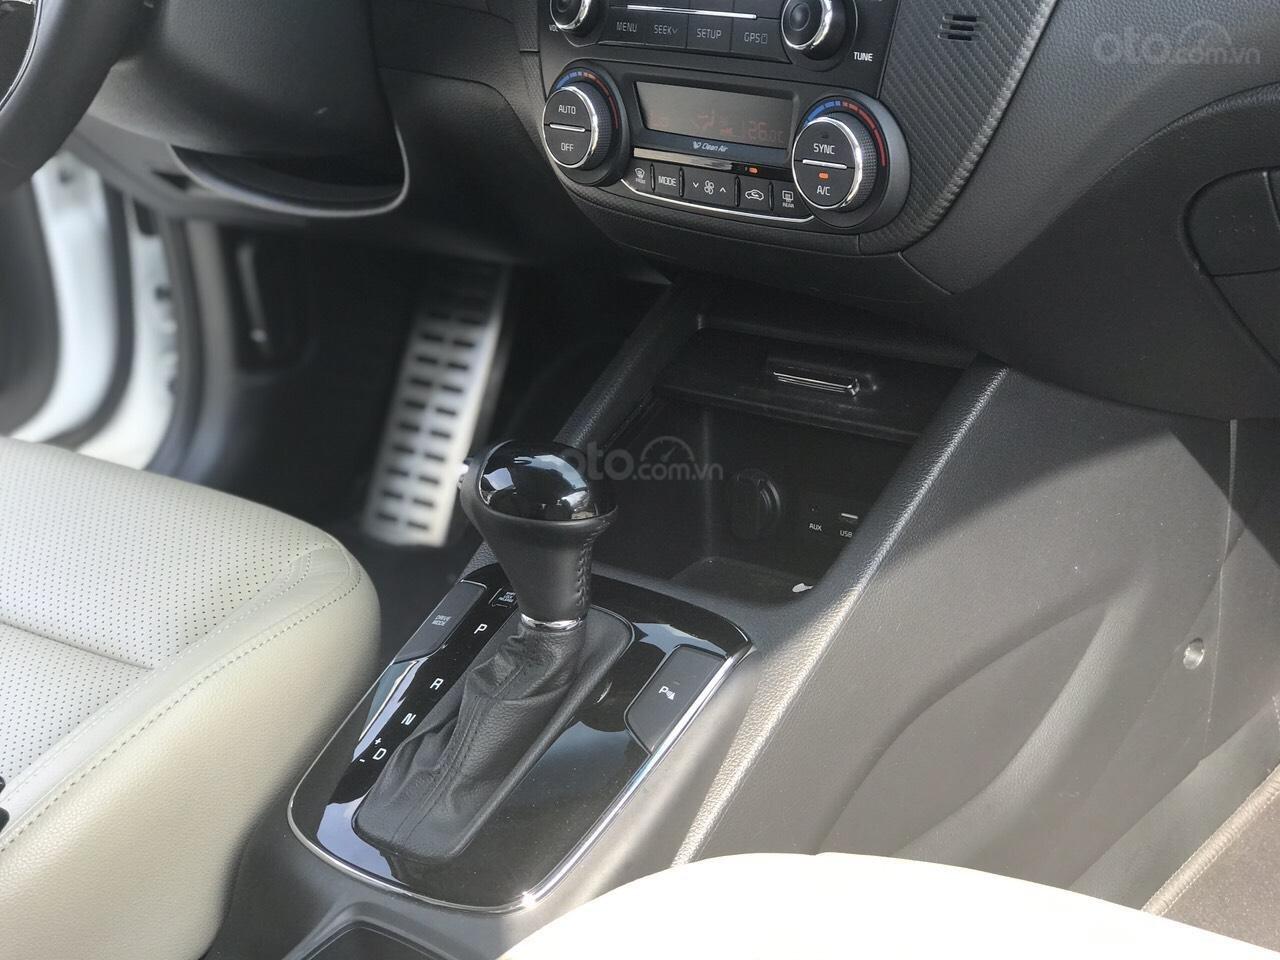 Bán ô tô Kia Cerato 1.6AT đăng ký 2017, giá 515tr (11)